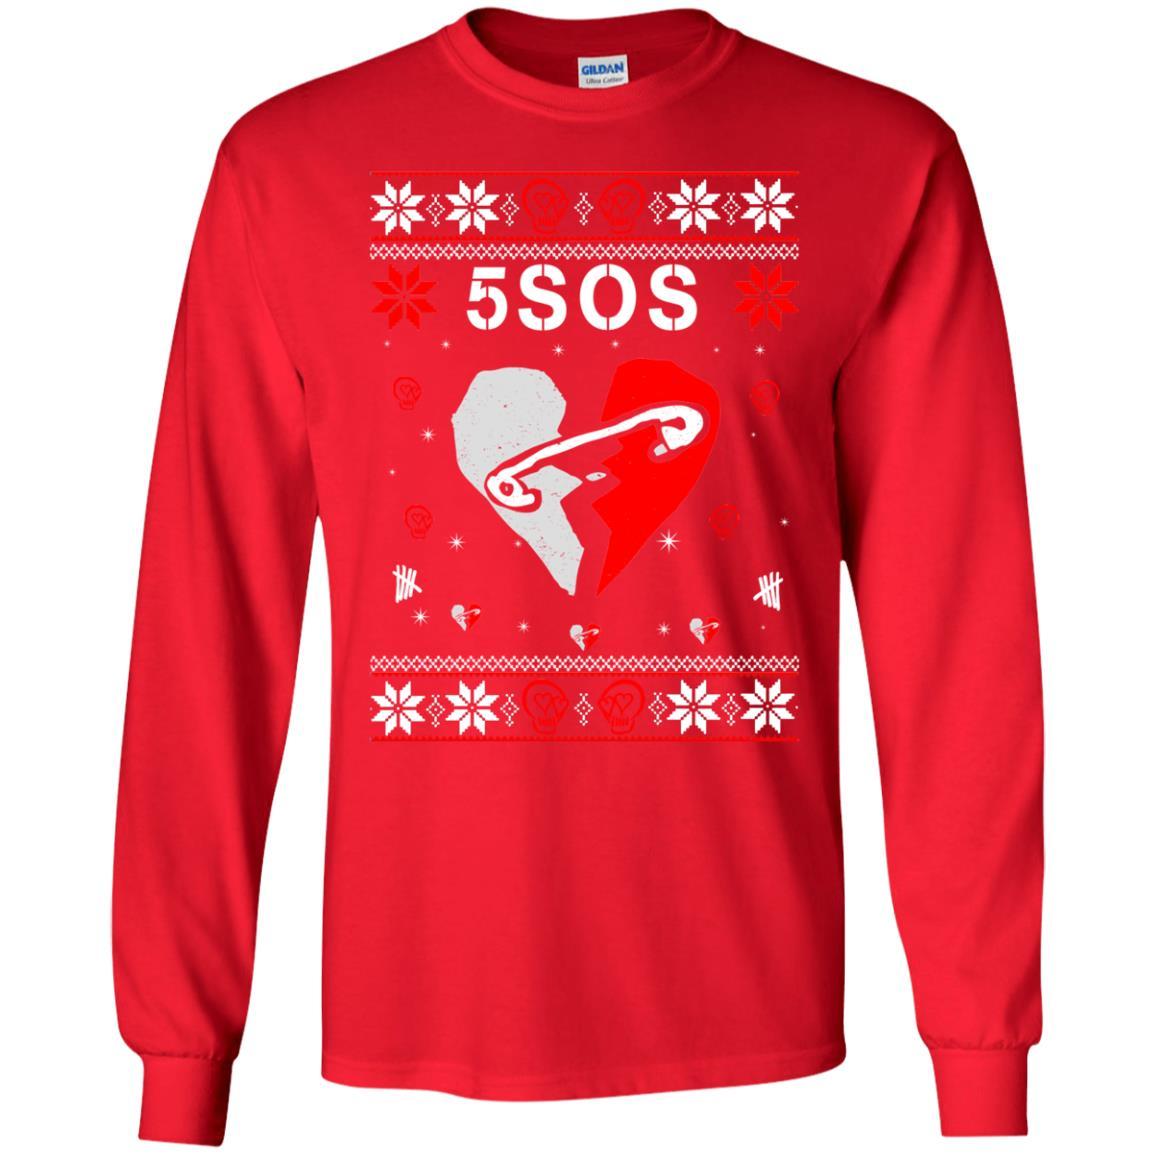 image 151 - 5SOS Christmas Sweater, Ugly Sweatshirts